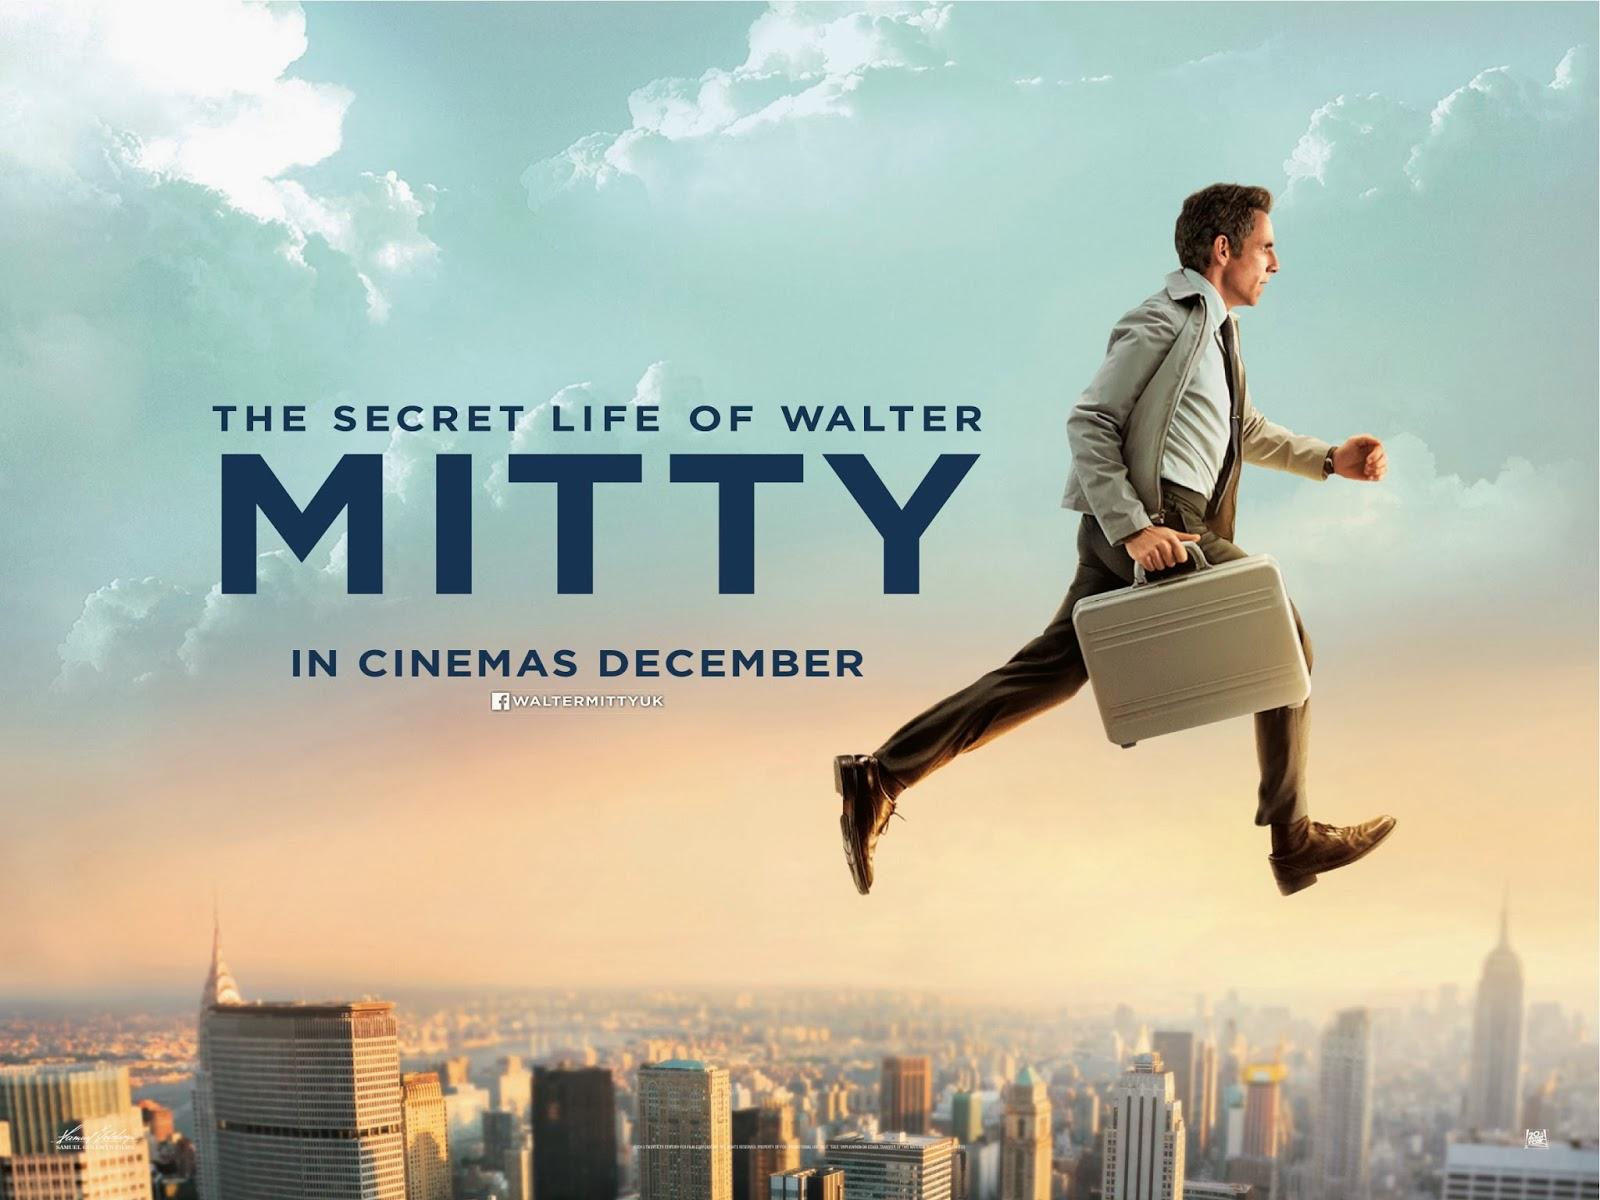 I sogni segreti di Walter Mitty: sognare si può